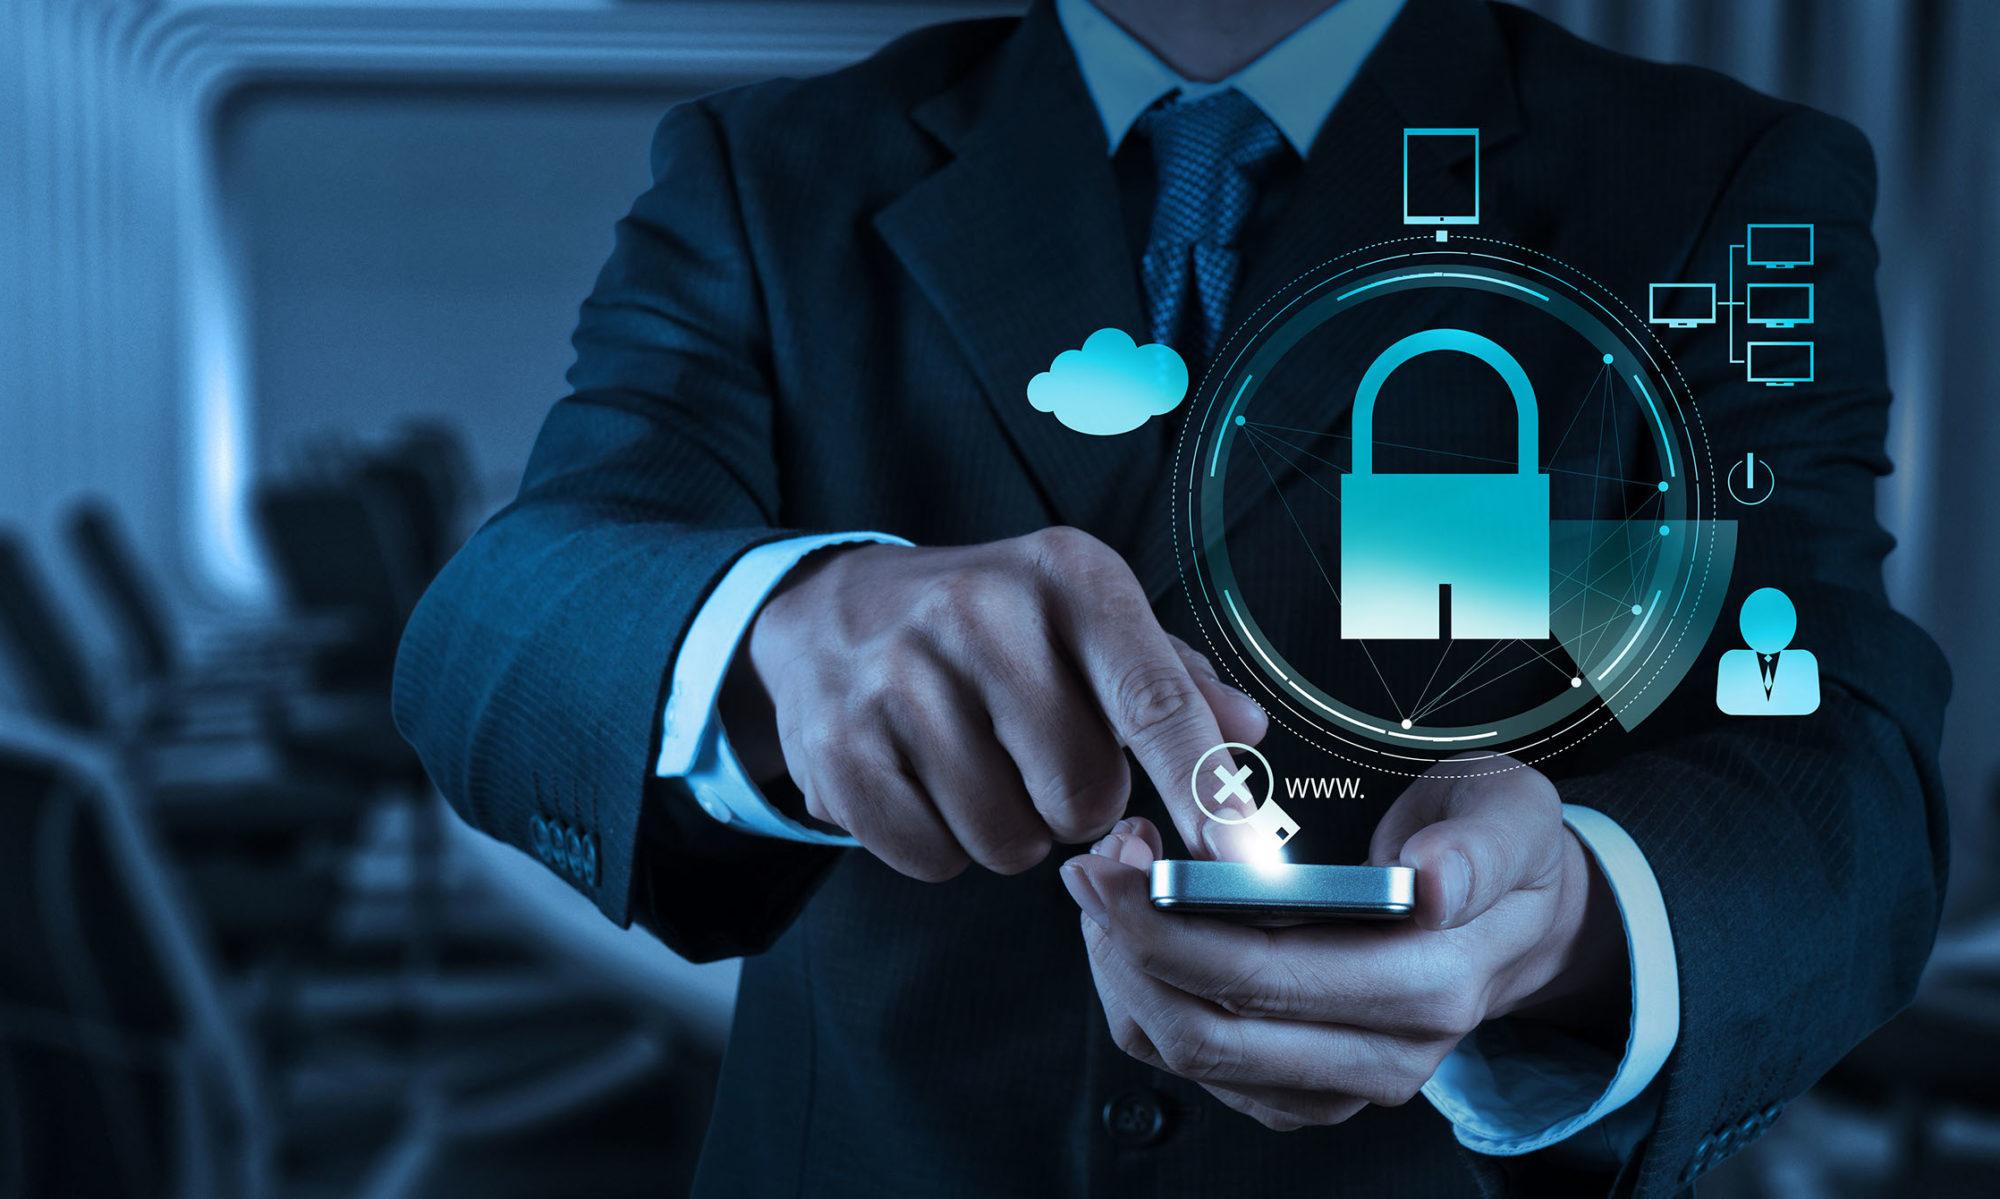 Сертификат безопасности можно удалить с телефонов - инструкция